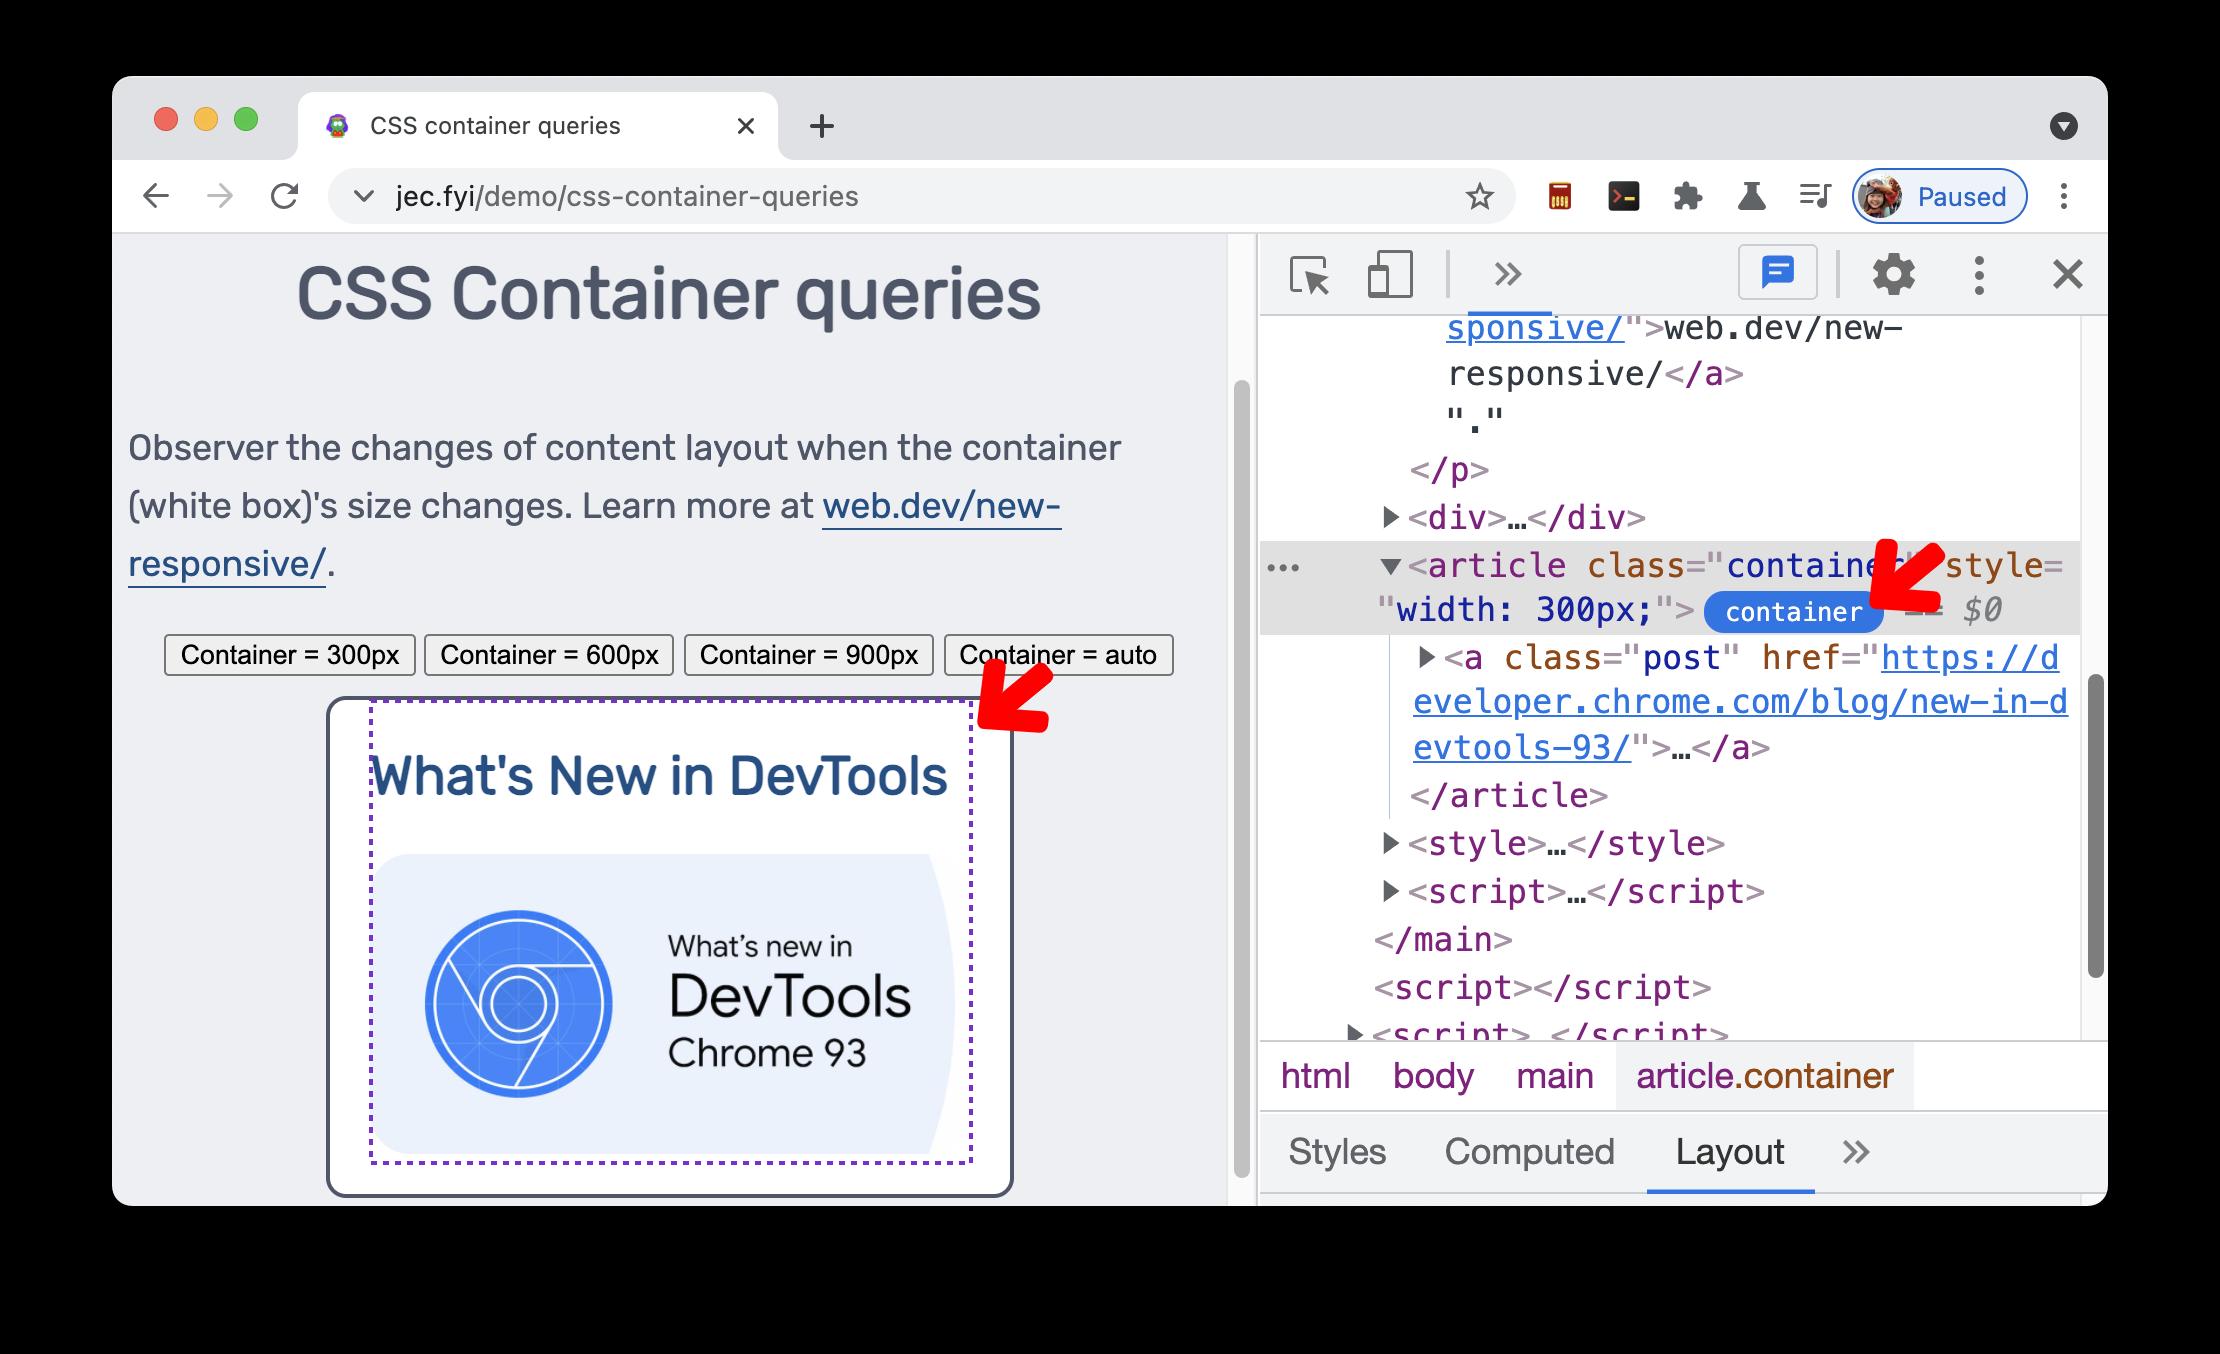 CSS 컨테이너 쿼리 배지